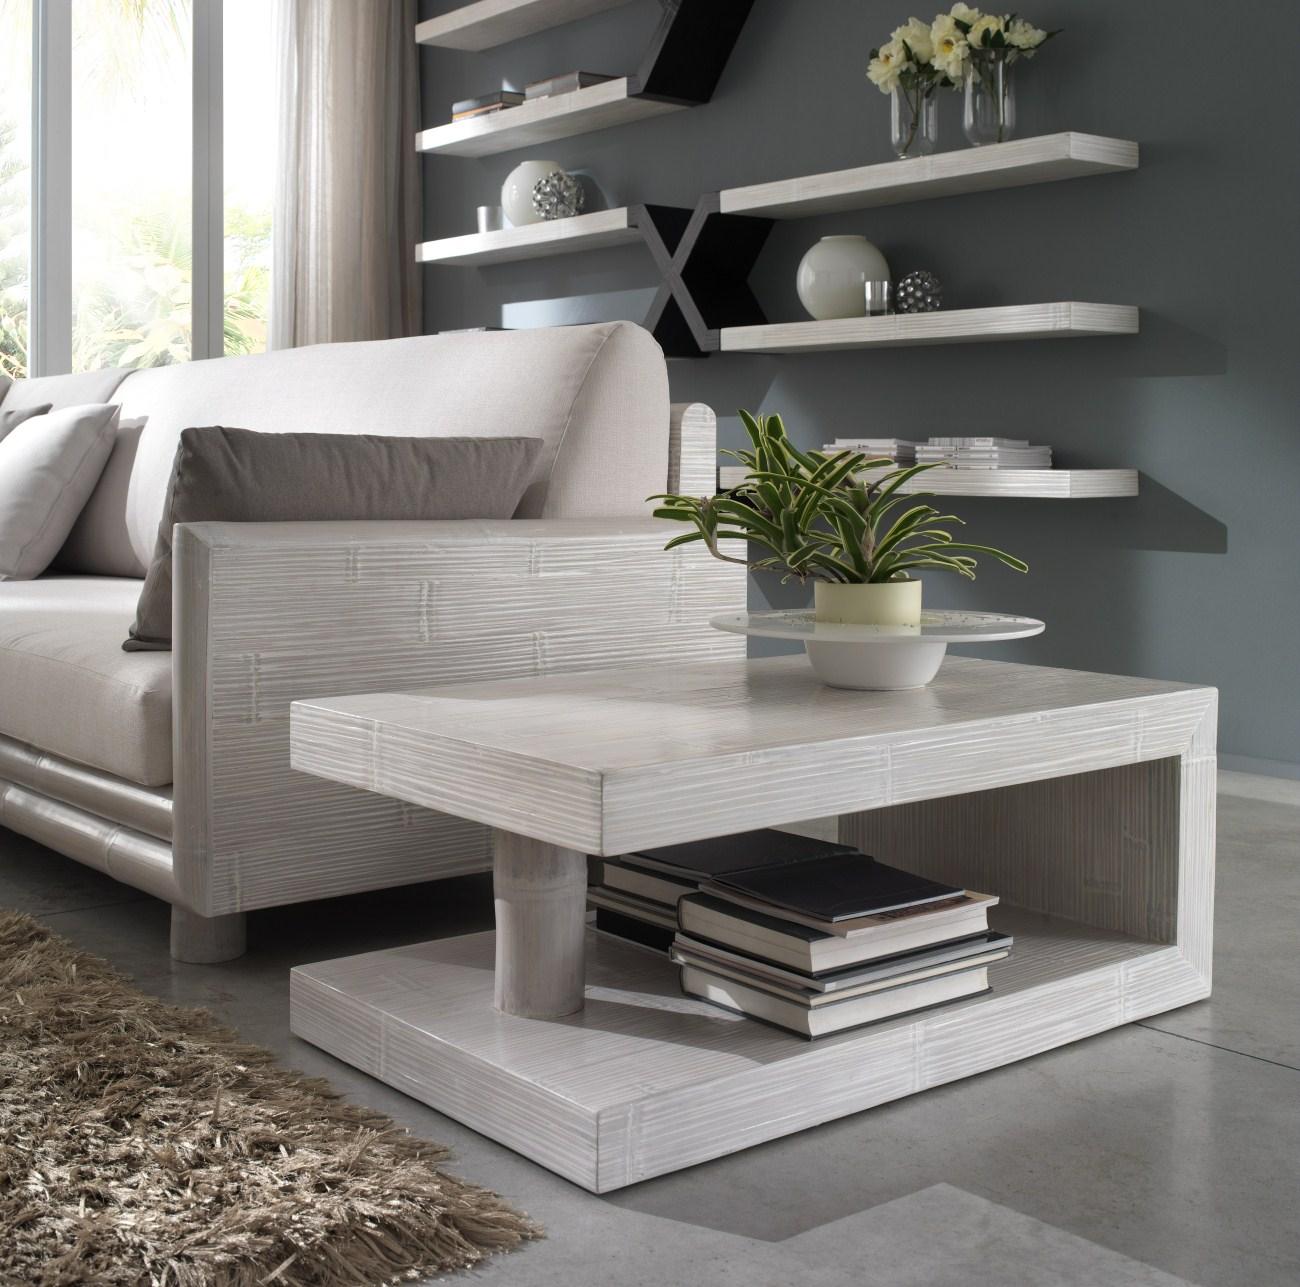 Tavolino rubik casa del bamb - Tavolino da salotto design ...